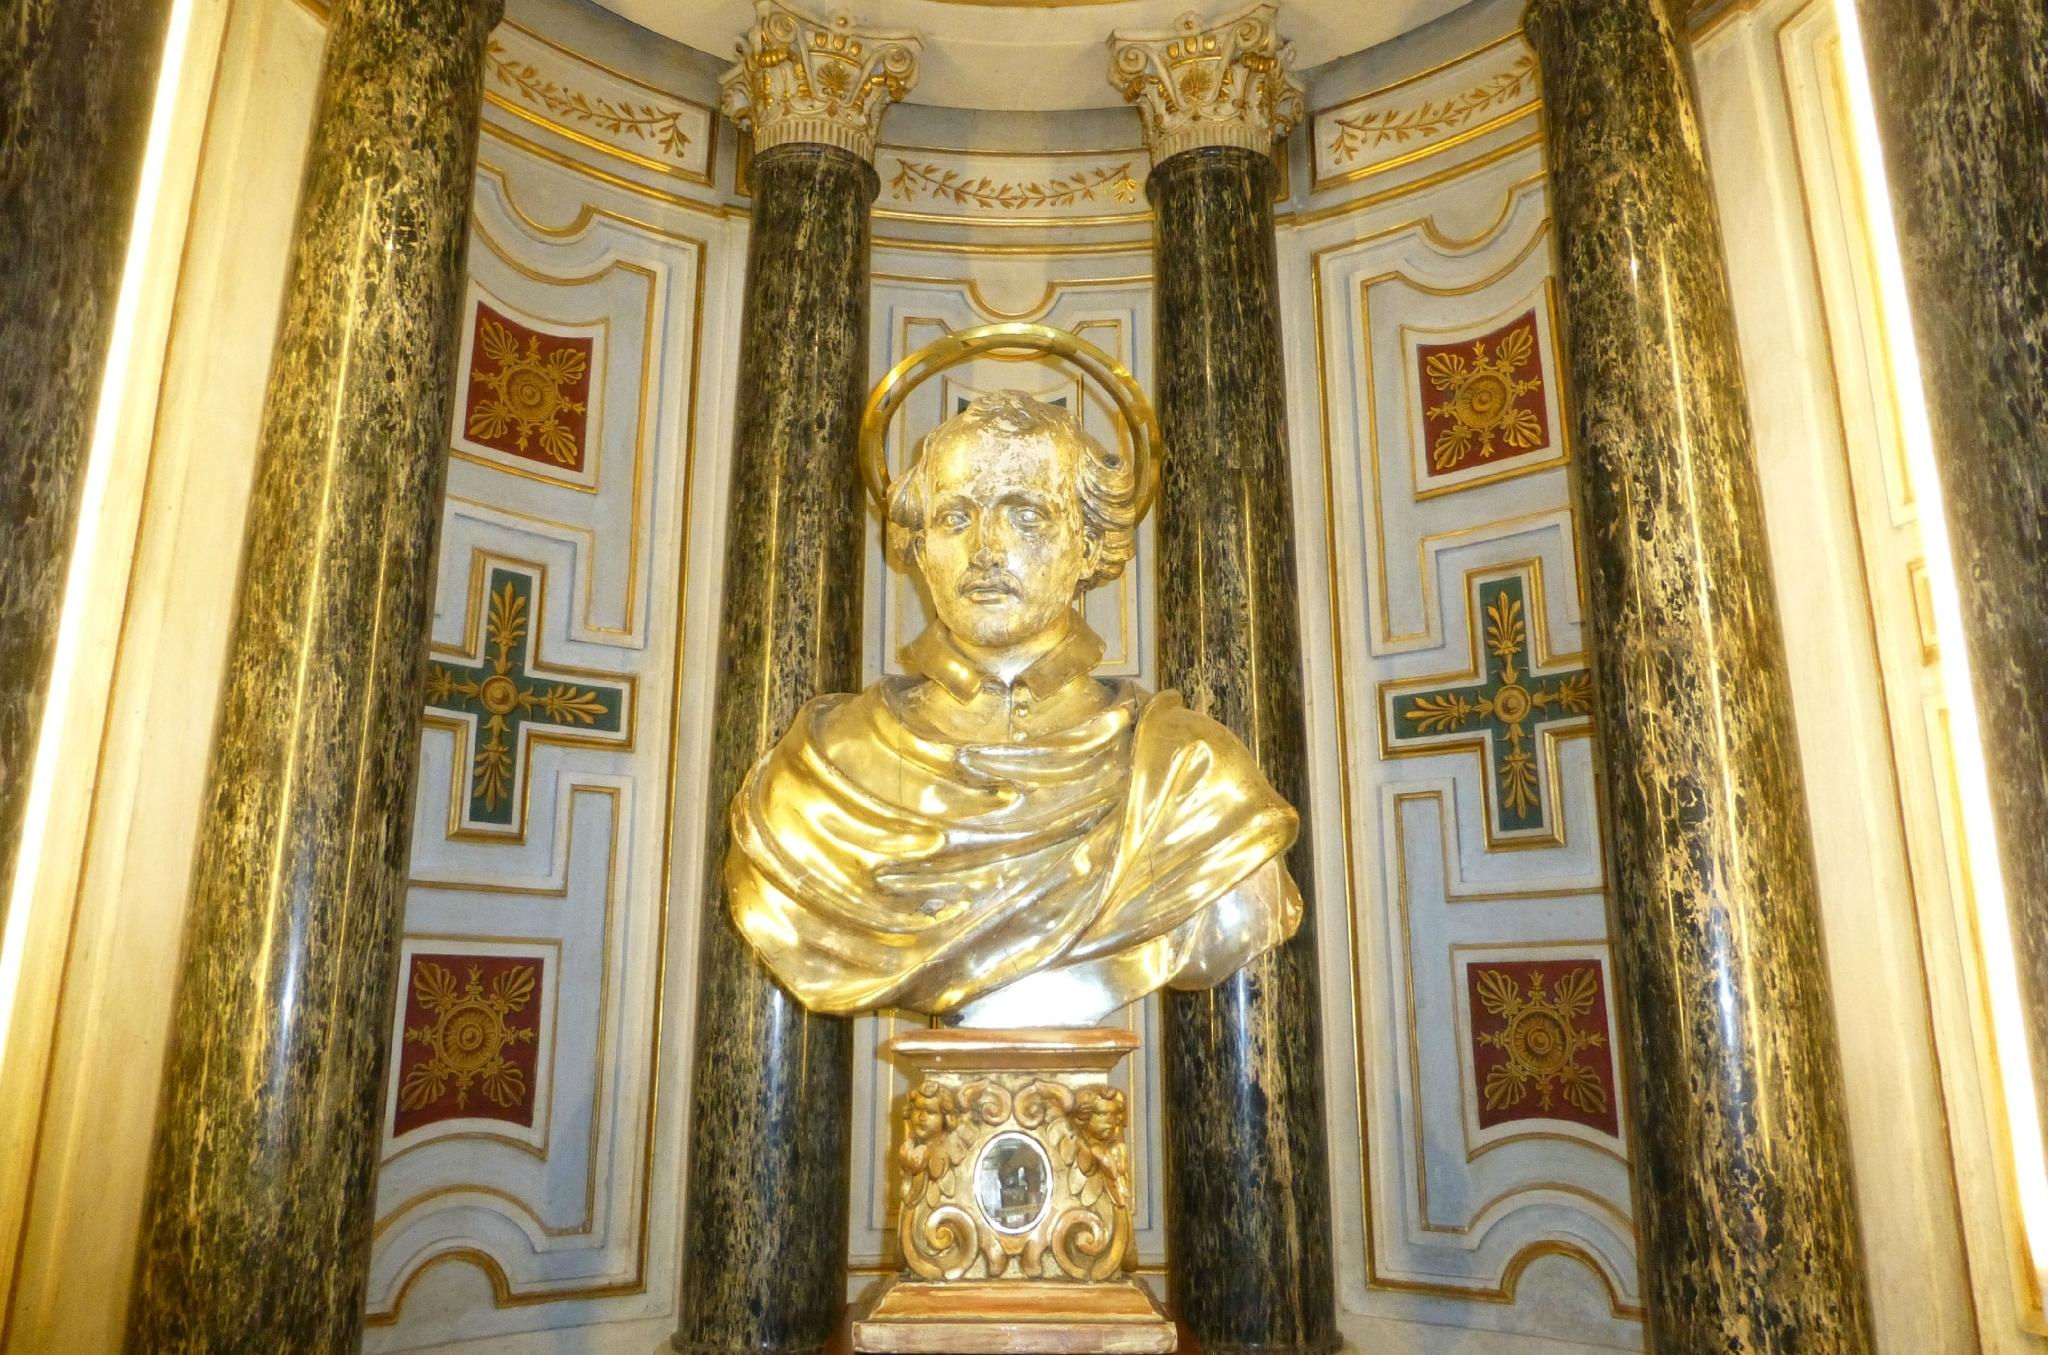 Saint-Yves-des-Bretons, buste du saint, styvesdesbretons.canalblog.com